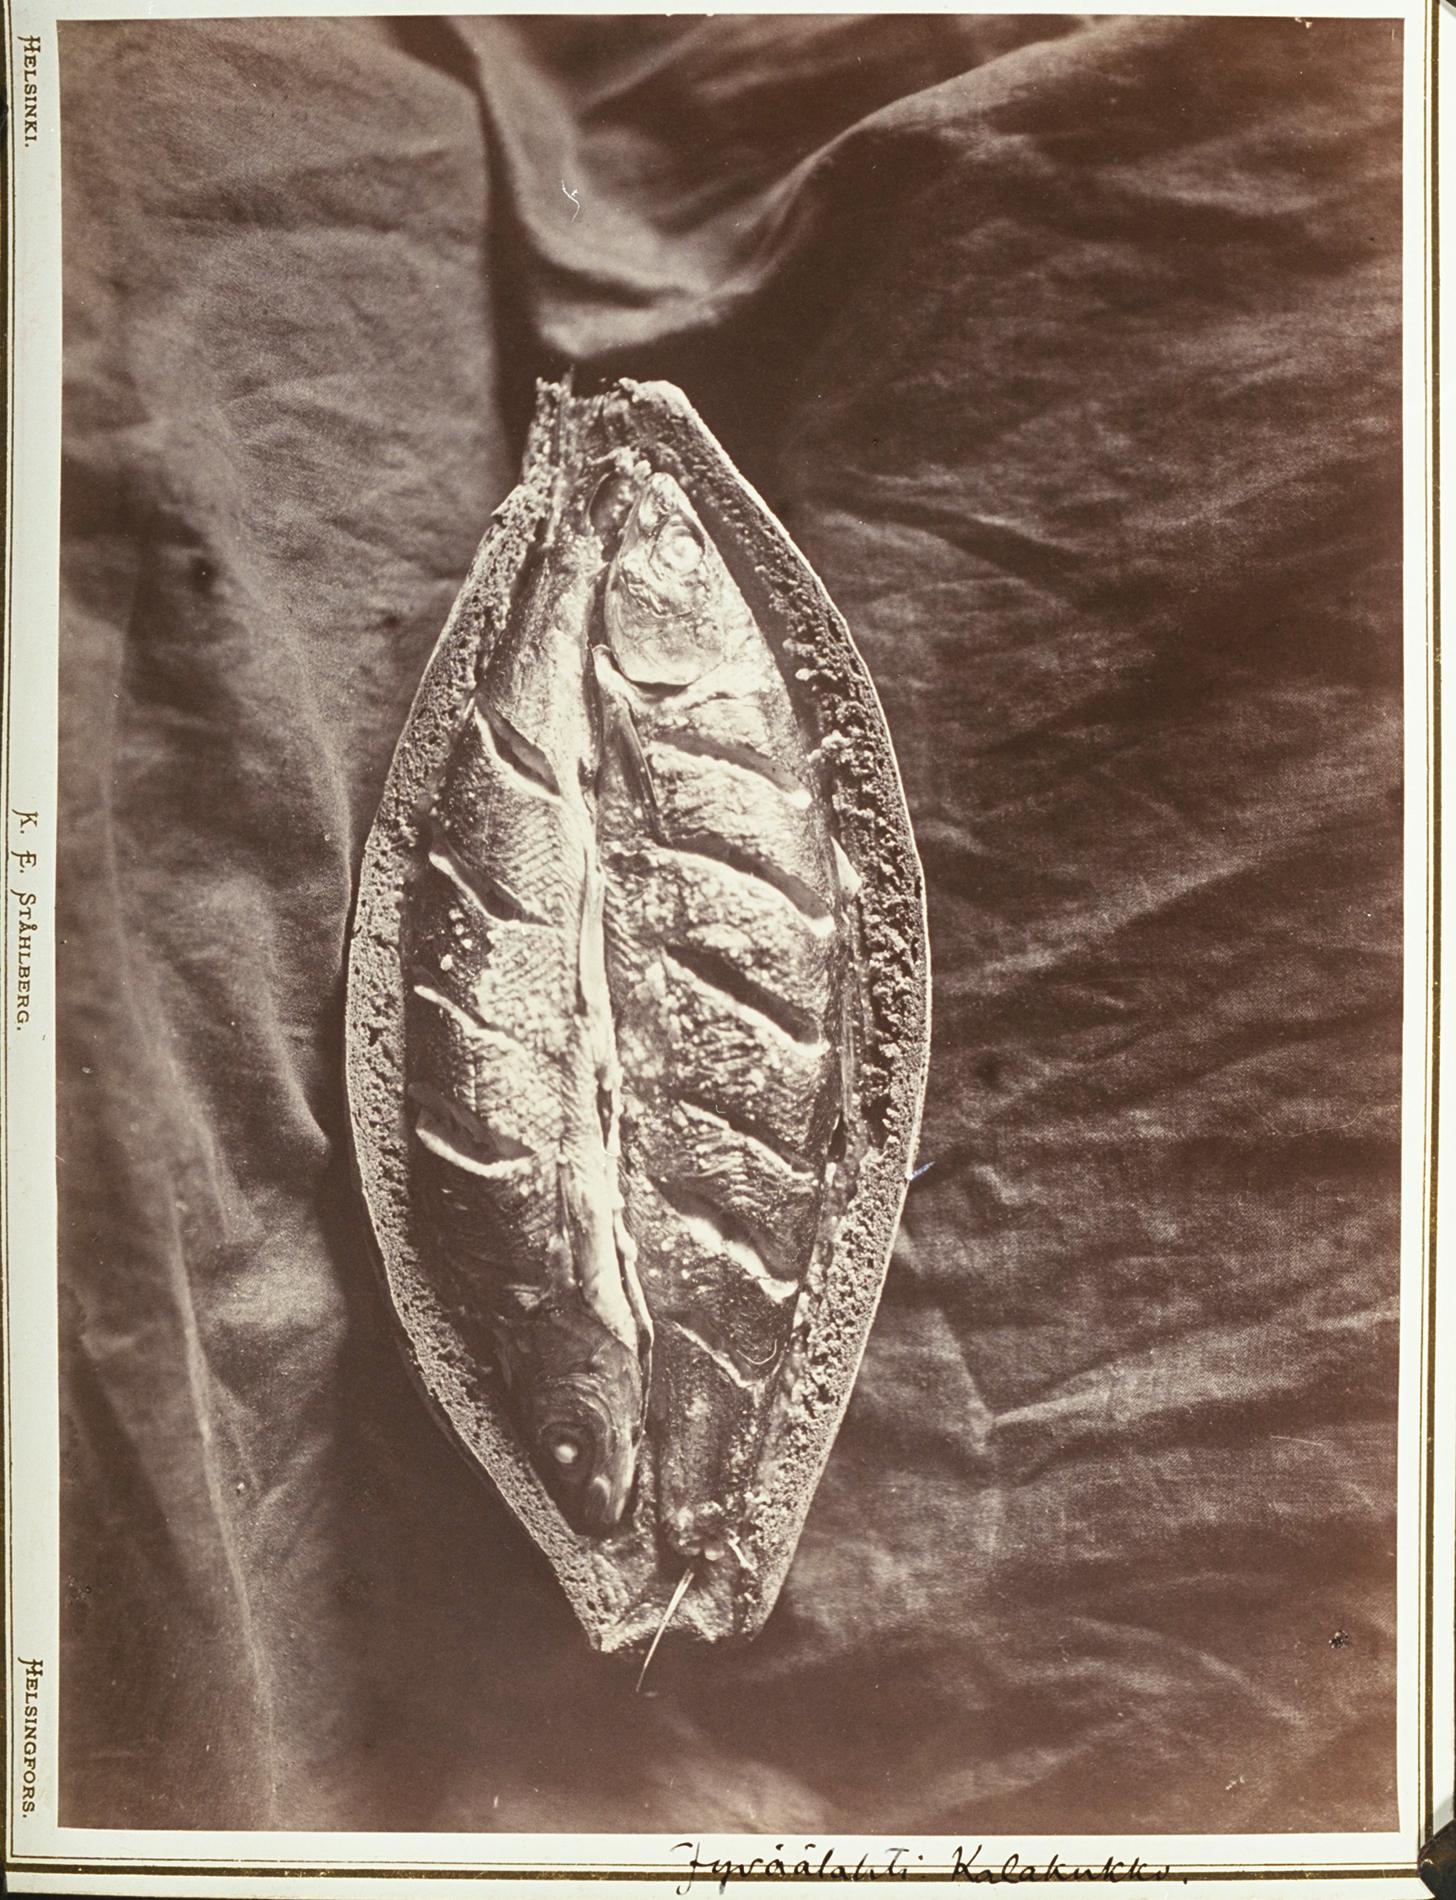 Kalakukko, kuvattu 1894 Uhtua, Jyvöälahti. SKS KRA. Kuvaaja: I.K. Inha.